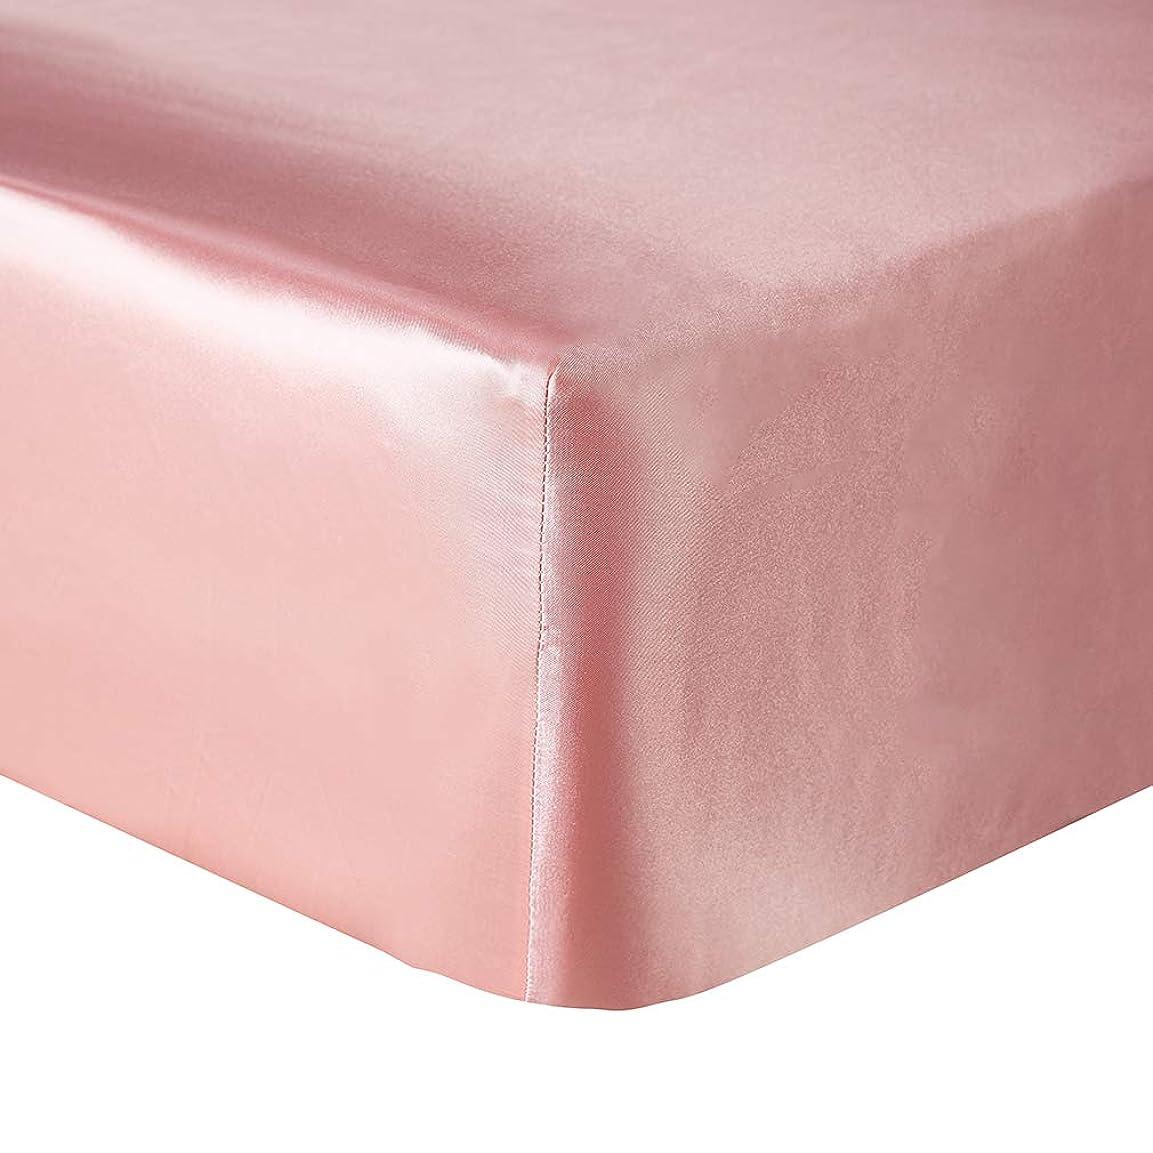 好意追放する容疑者JK Home シンプル 寝具 ボックスシーツ マチ部分約30cm ベッドカバー ベッドシーツ マットレスシーツ レーヨン ピンク ダブル(M)